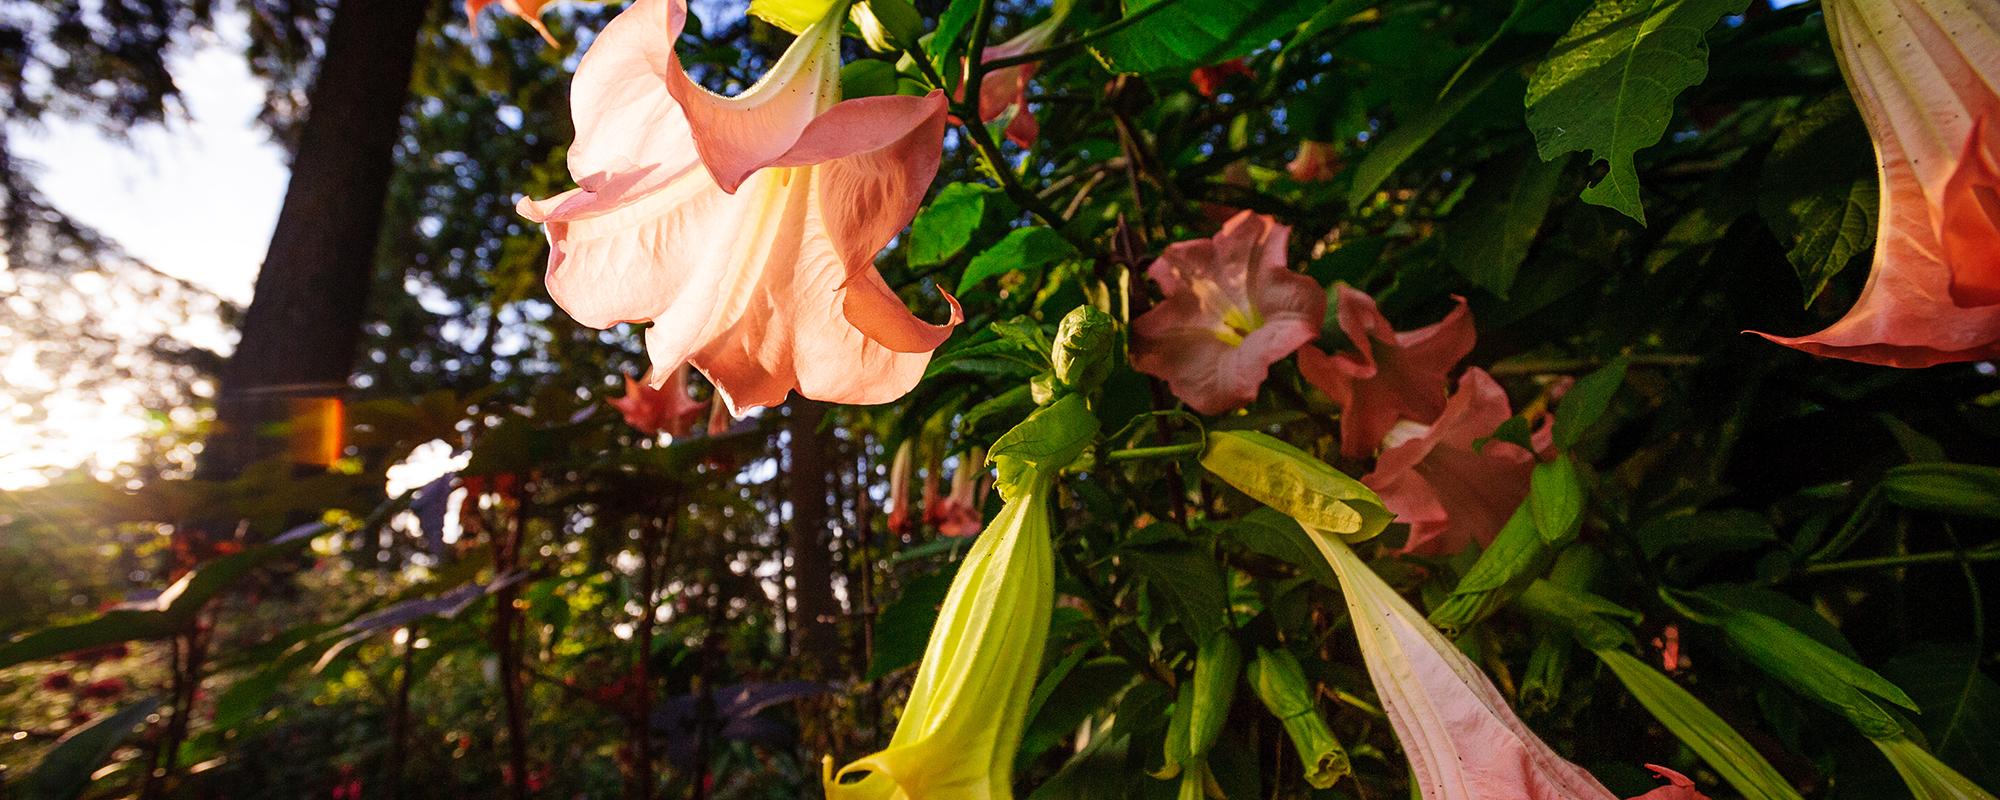 anne_garden10.18.15-220-v2